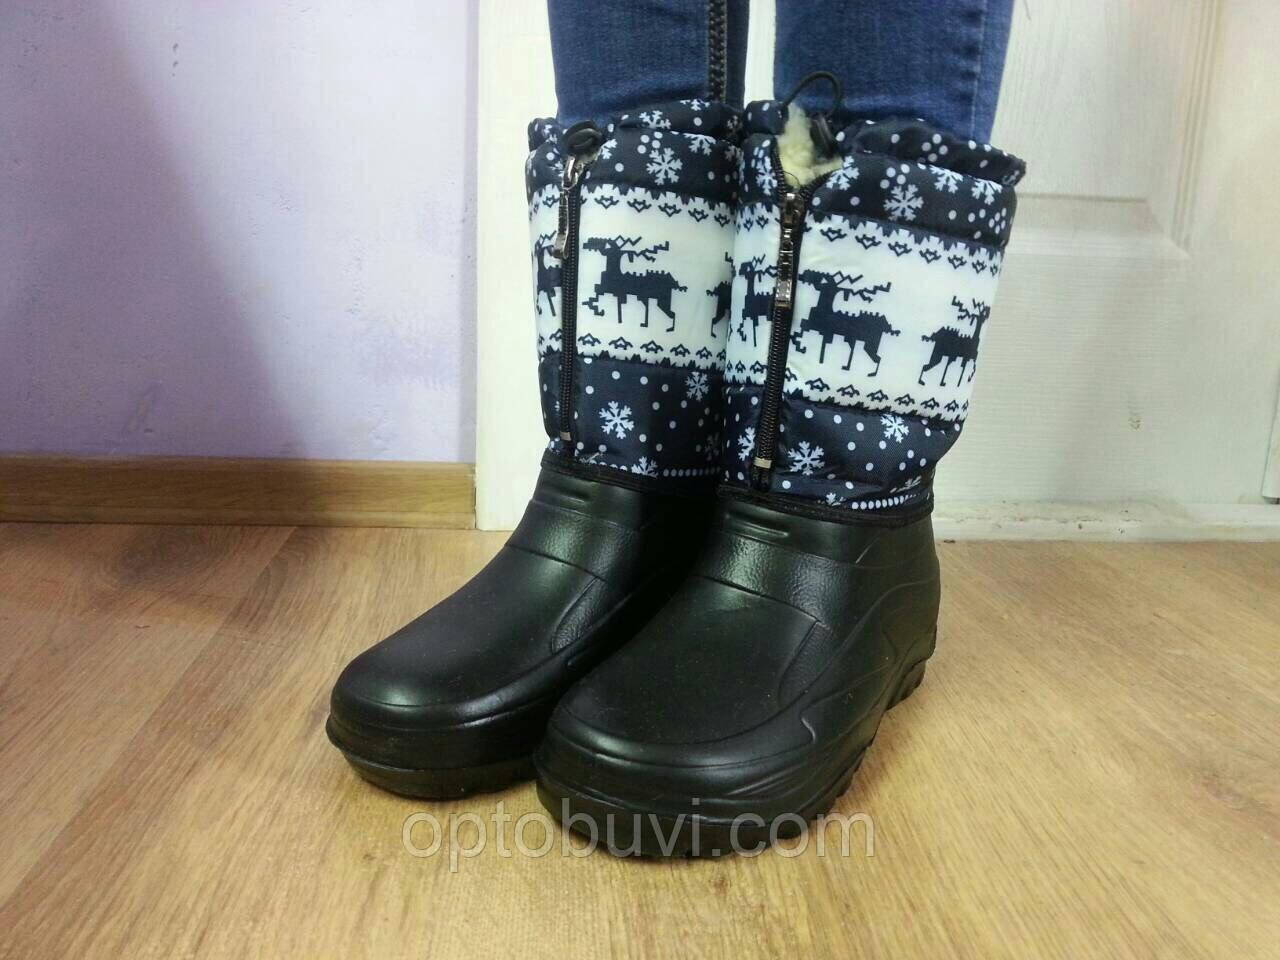 94967d0bd Сапоги женские зимние оптом олени с замком - Обувь оптом Шуз-холл | Обувь от